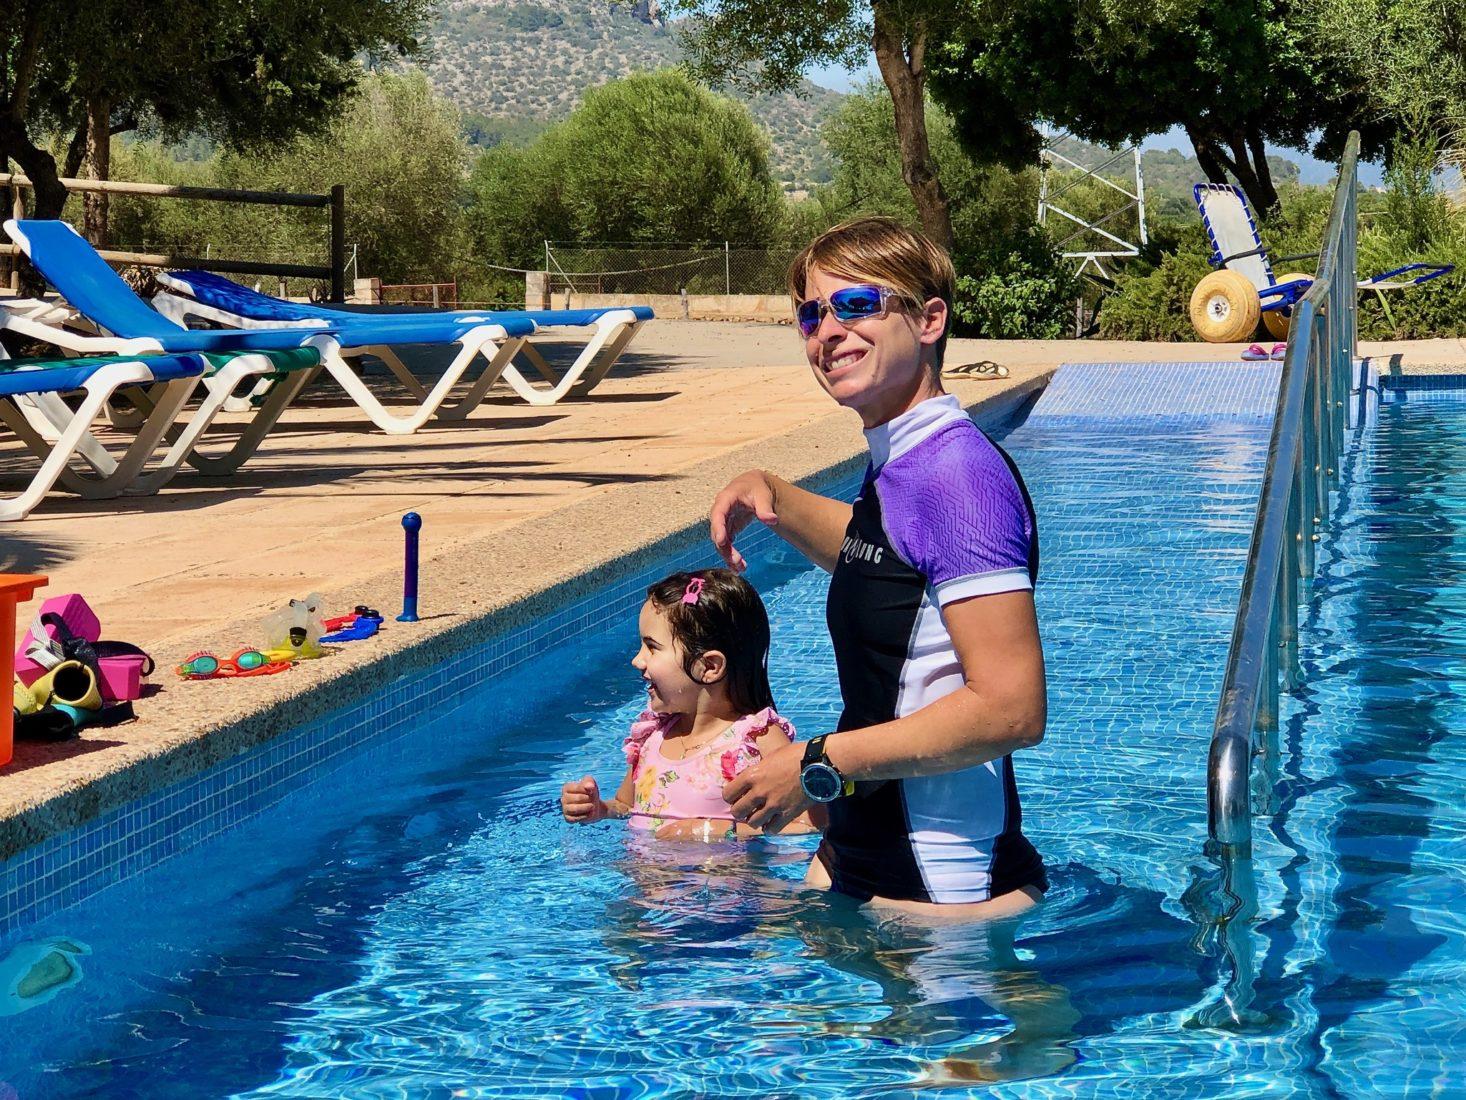 Schwimmlehrerin Lena mit Schüler fürs Seepferdchen